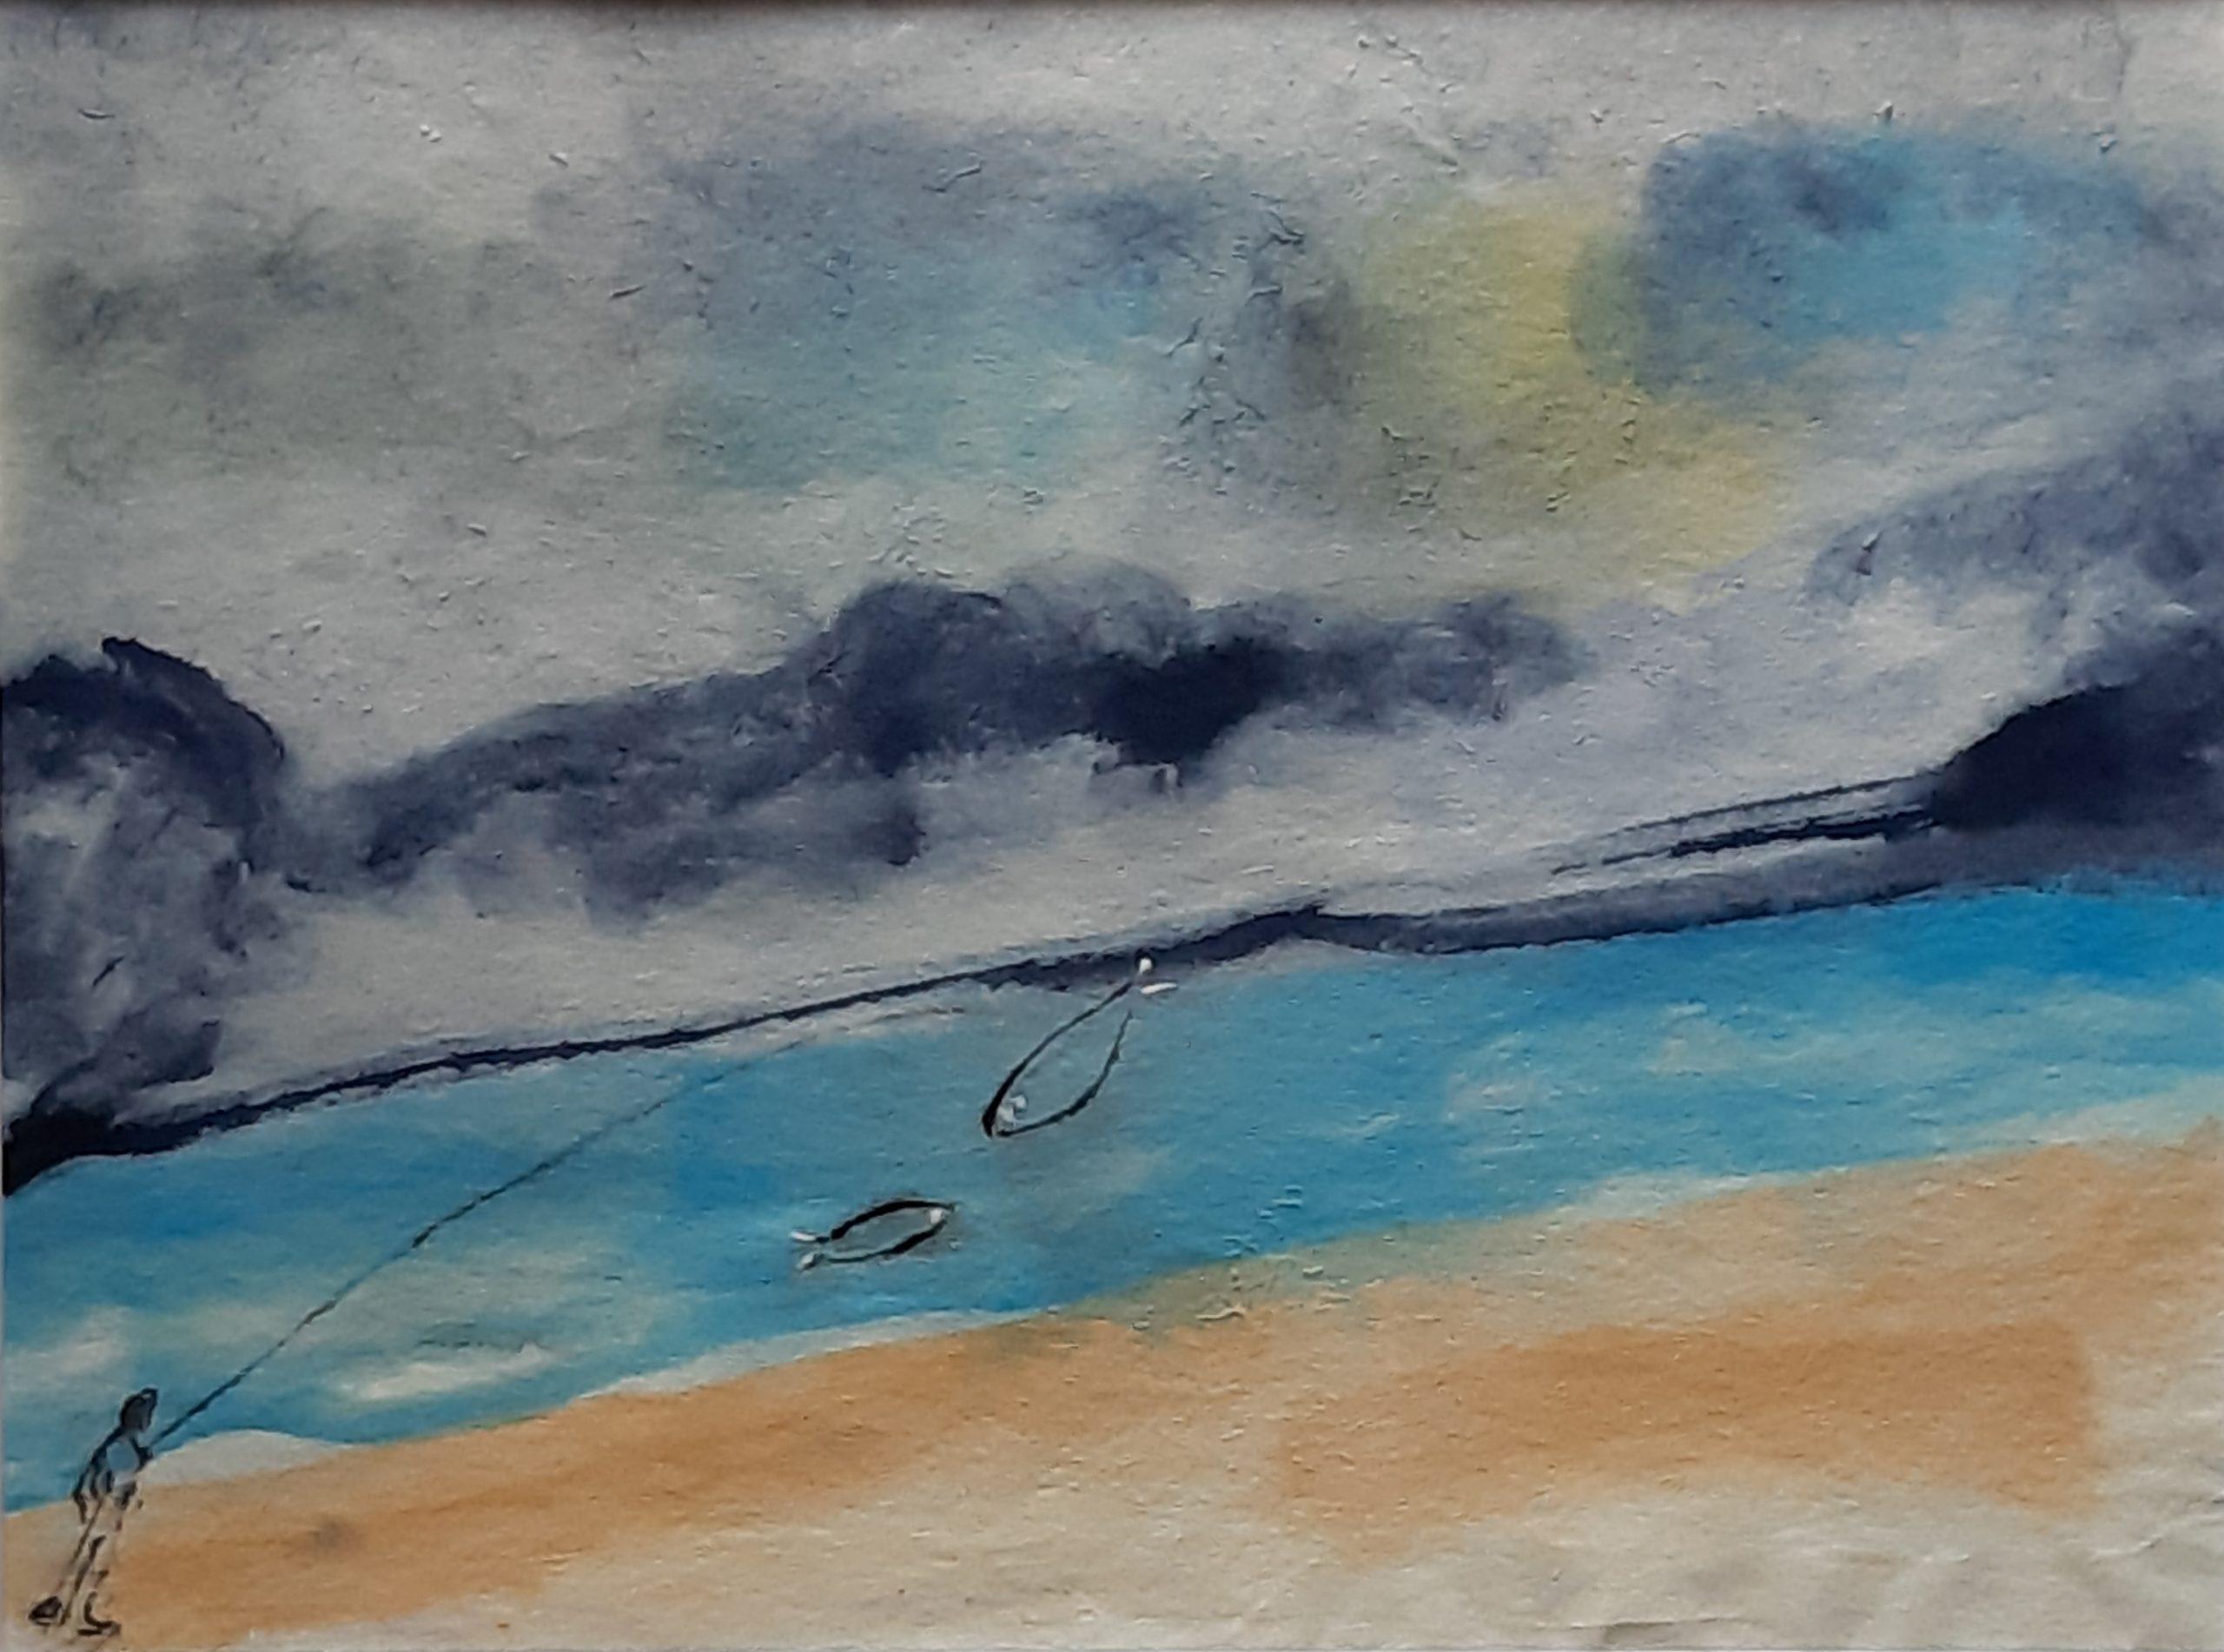 il pescatore acquerello su carta di riso 21 x 29 cm 2019